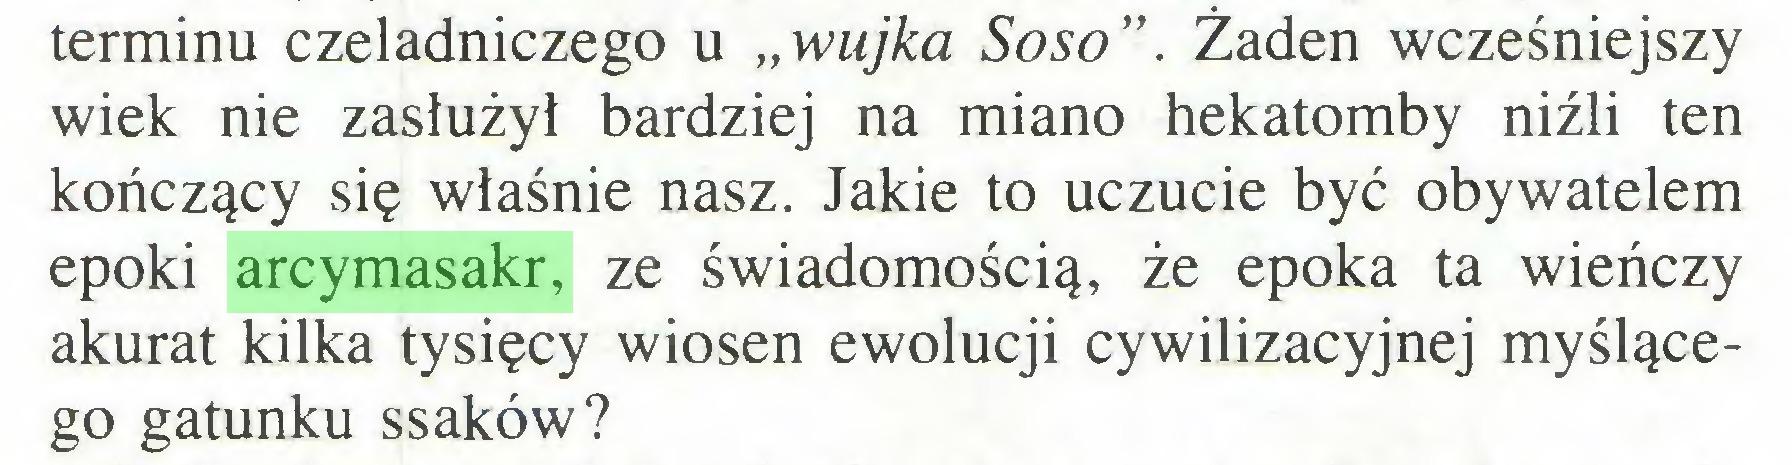 """(...) terminu czeladniczego u """"wujka Soso"""". Żaden wcześniejszy wiek nie zasłużył bardziej na miano hekatomby niźli ten kończący się właśnie nasz. Jakie to uczucie być obywatelem epoki arcymasakr, ze świadomością, że epoka ta wieńczy akurat kilka tysięcy wiosen ewolucji cywilizacyjnej myślącego gatunku ssaków?..."""